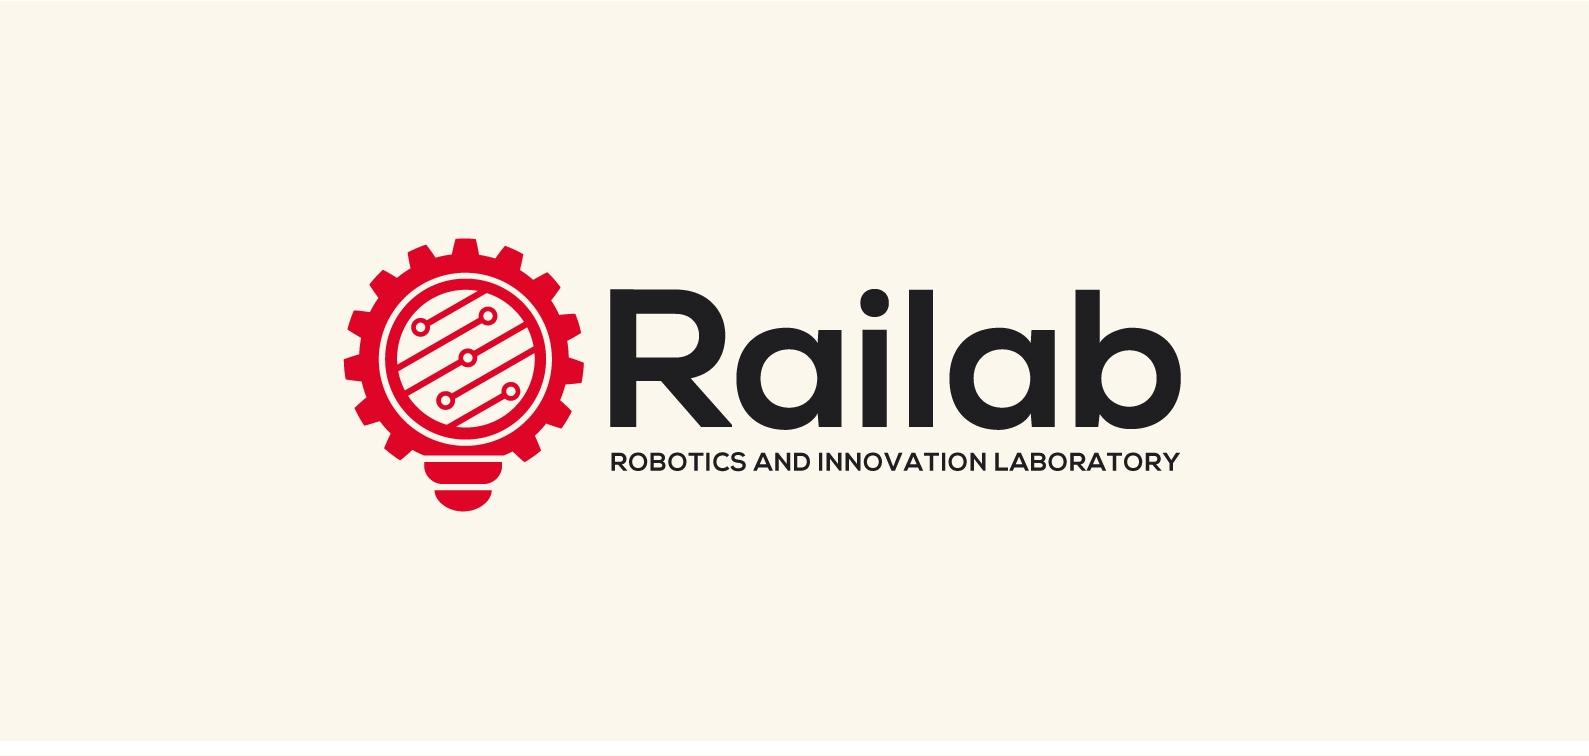 railab_02